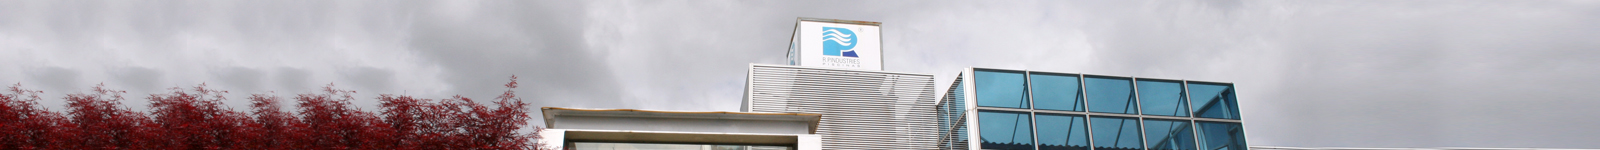 Empresas de piscinas soleo rp piscinas for Empresas de piscinas